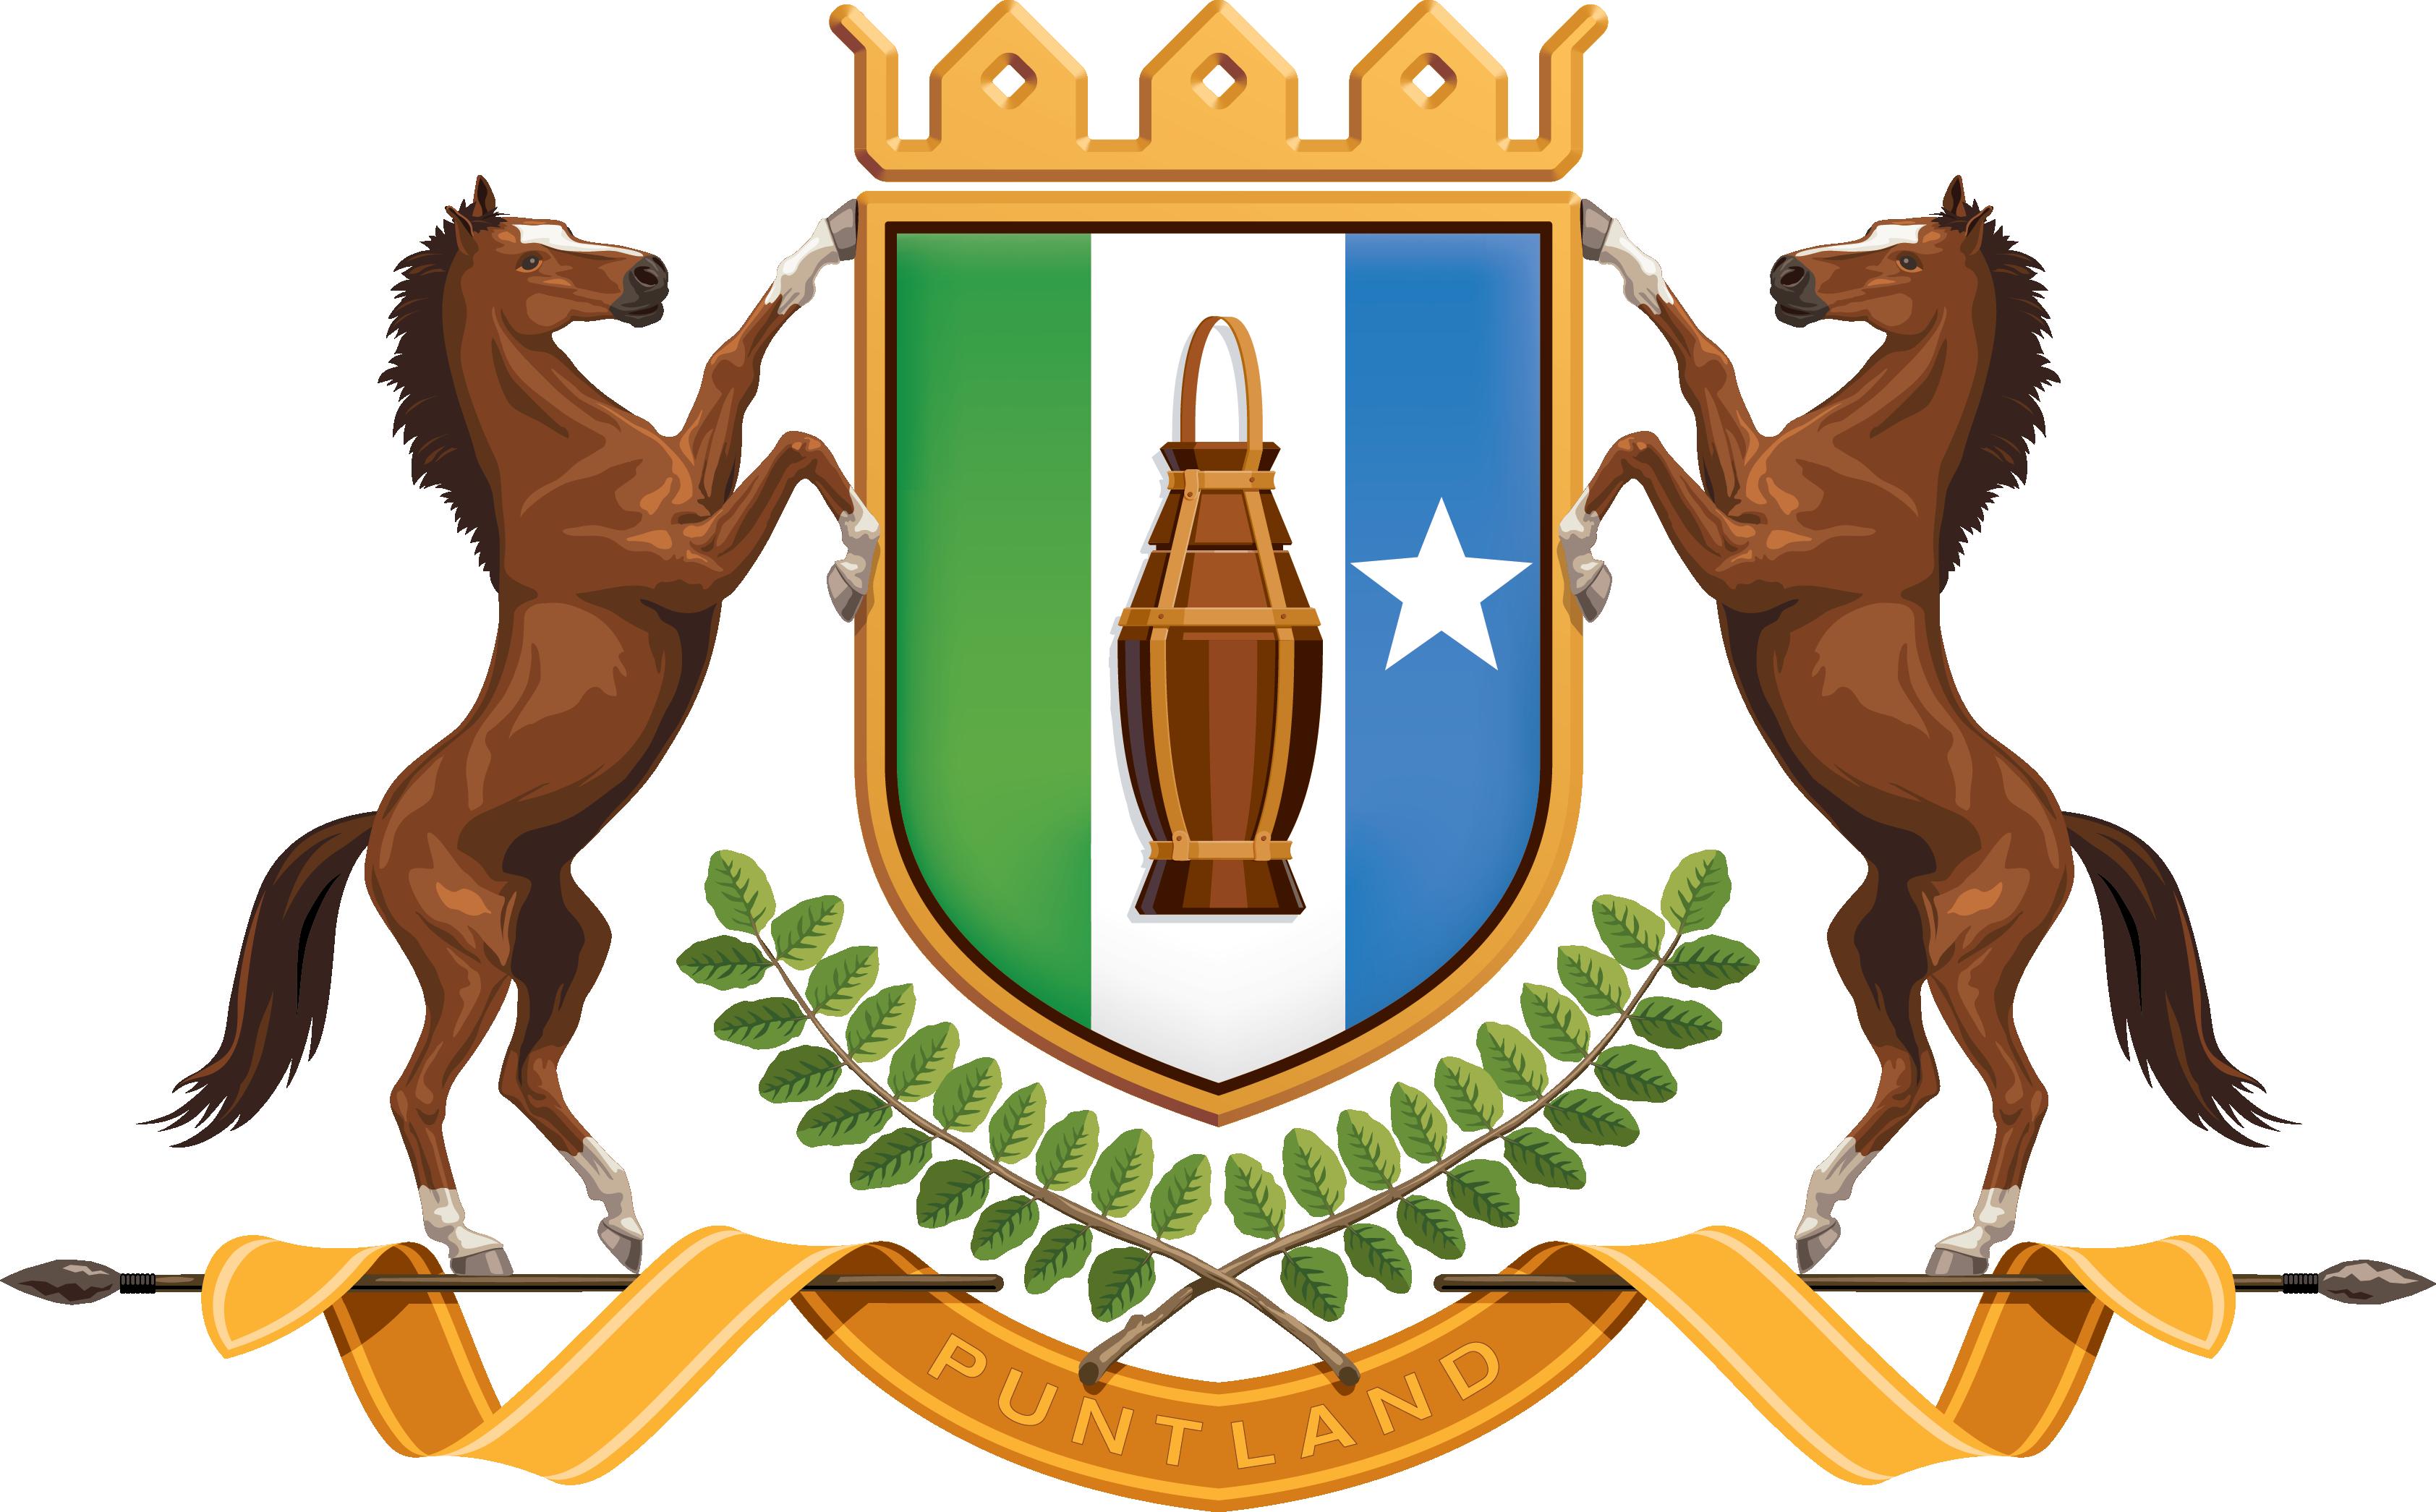 Image result for puntland logo